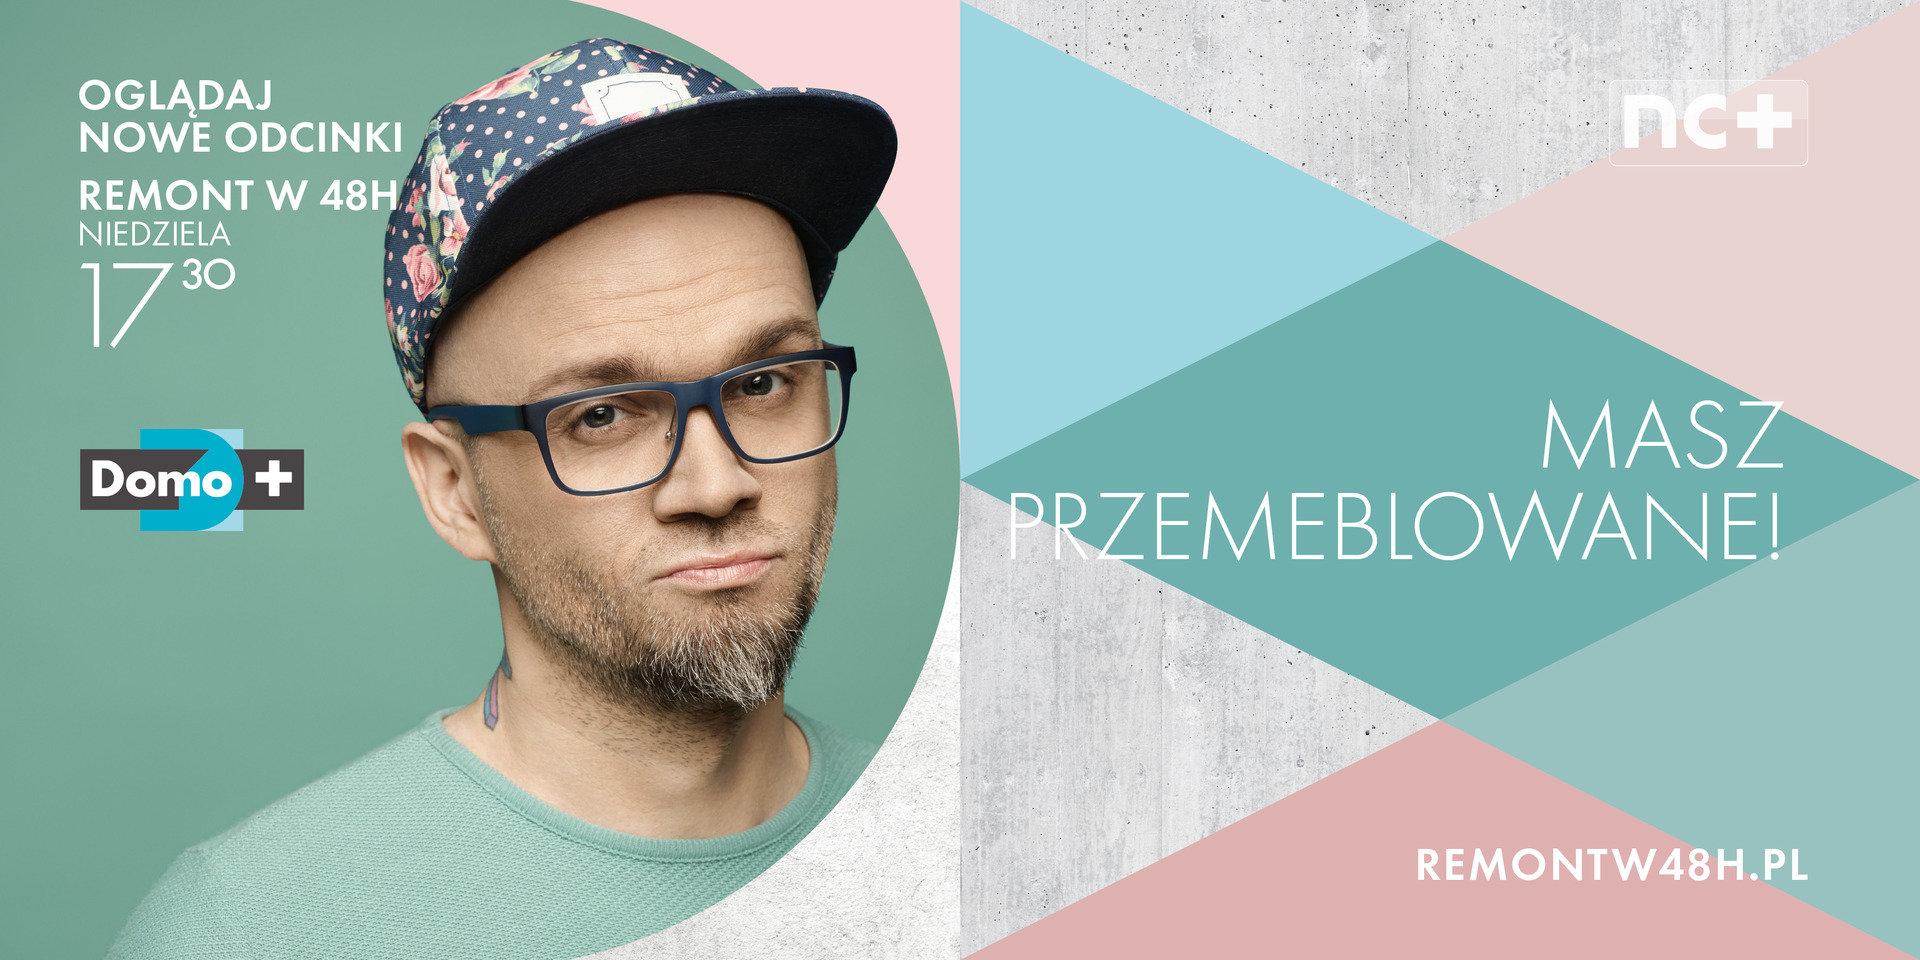 """""""Masz przemeblowane!"""" – rusza nowa kampania Domo+"""